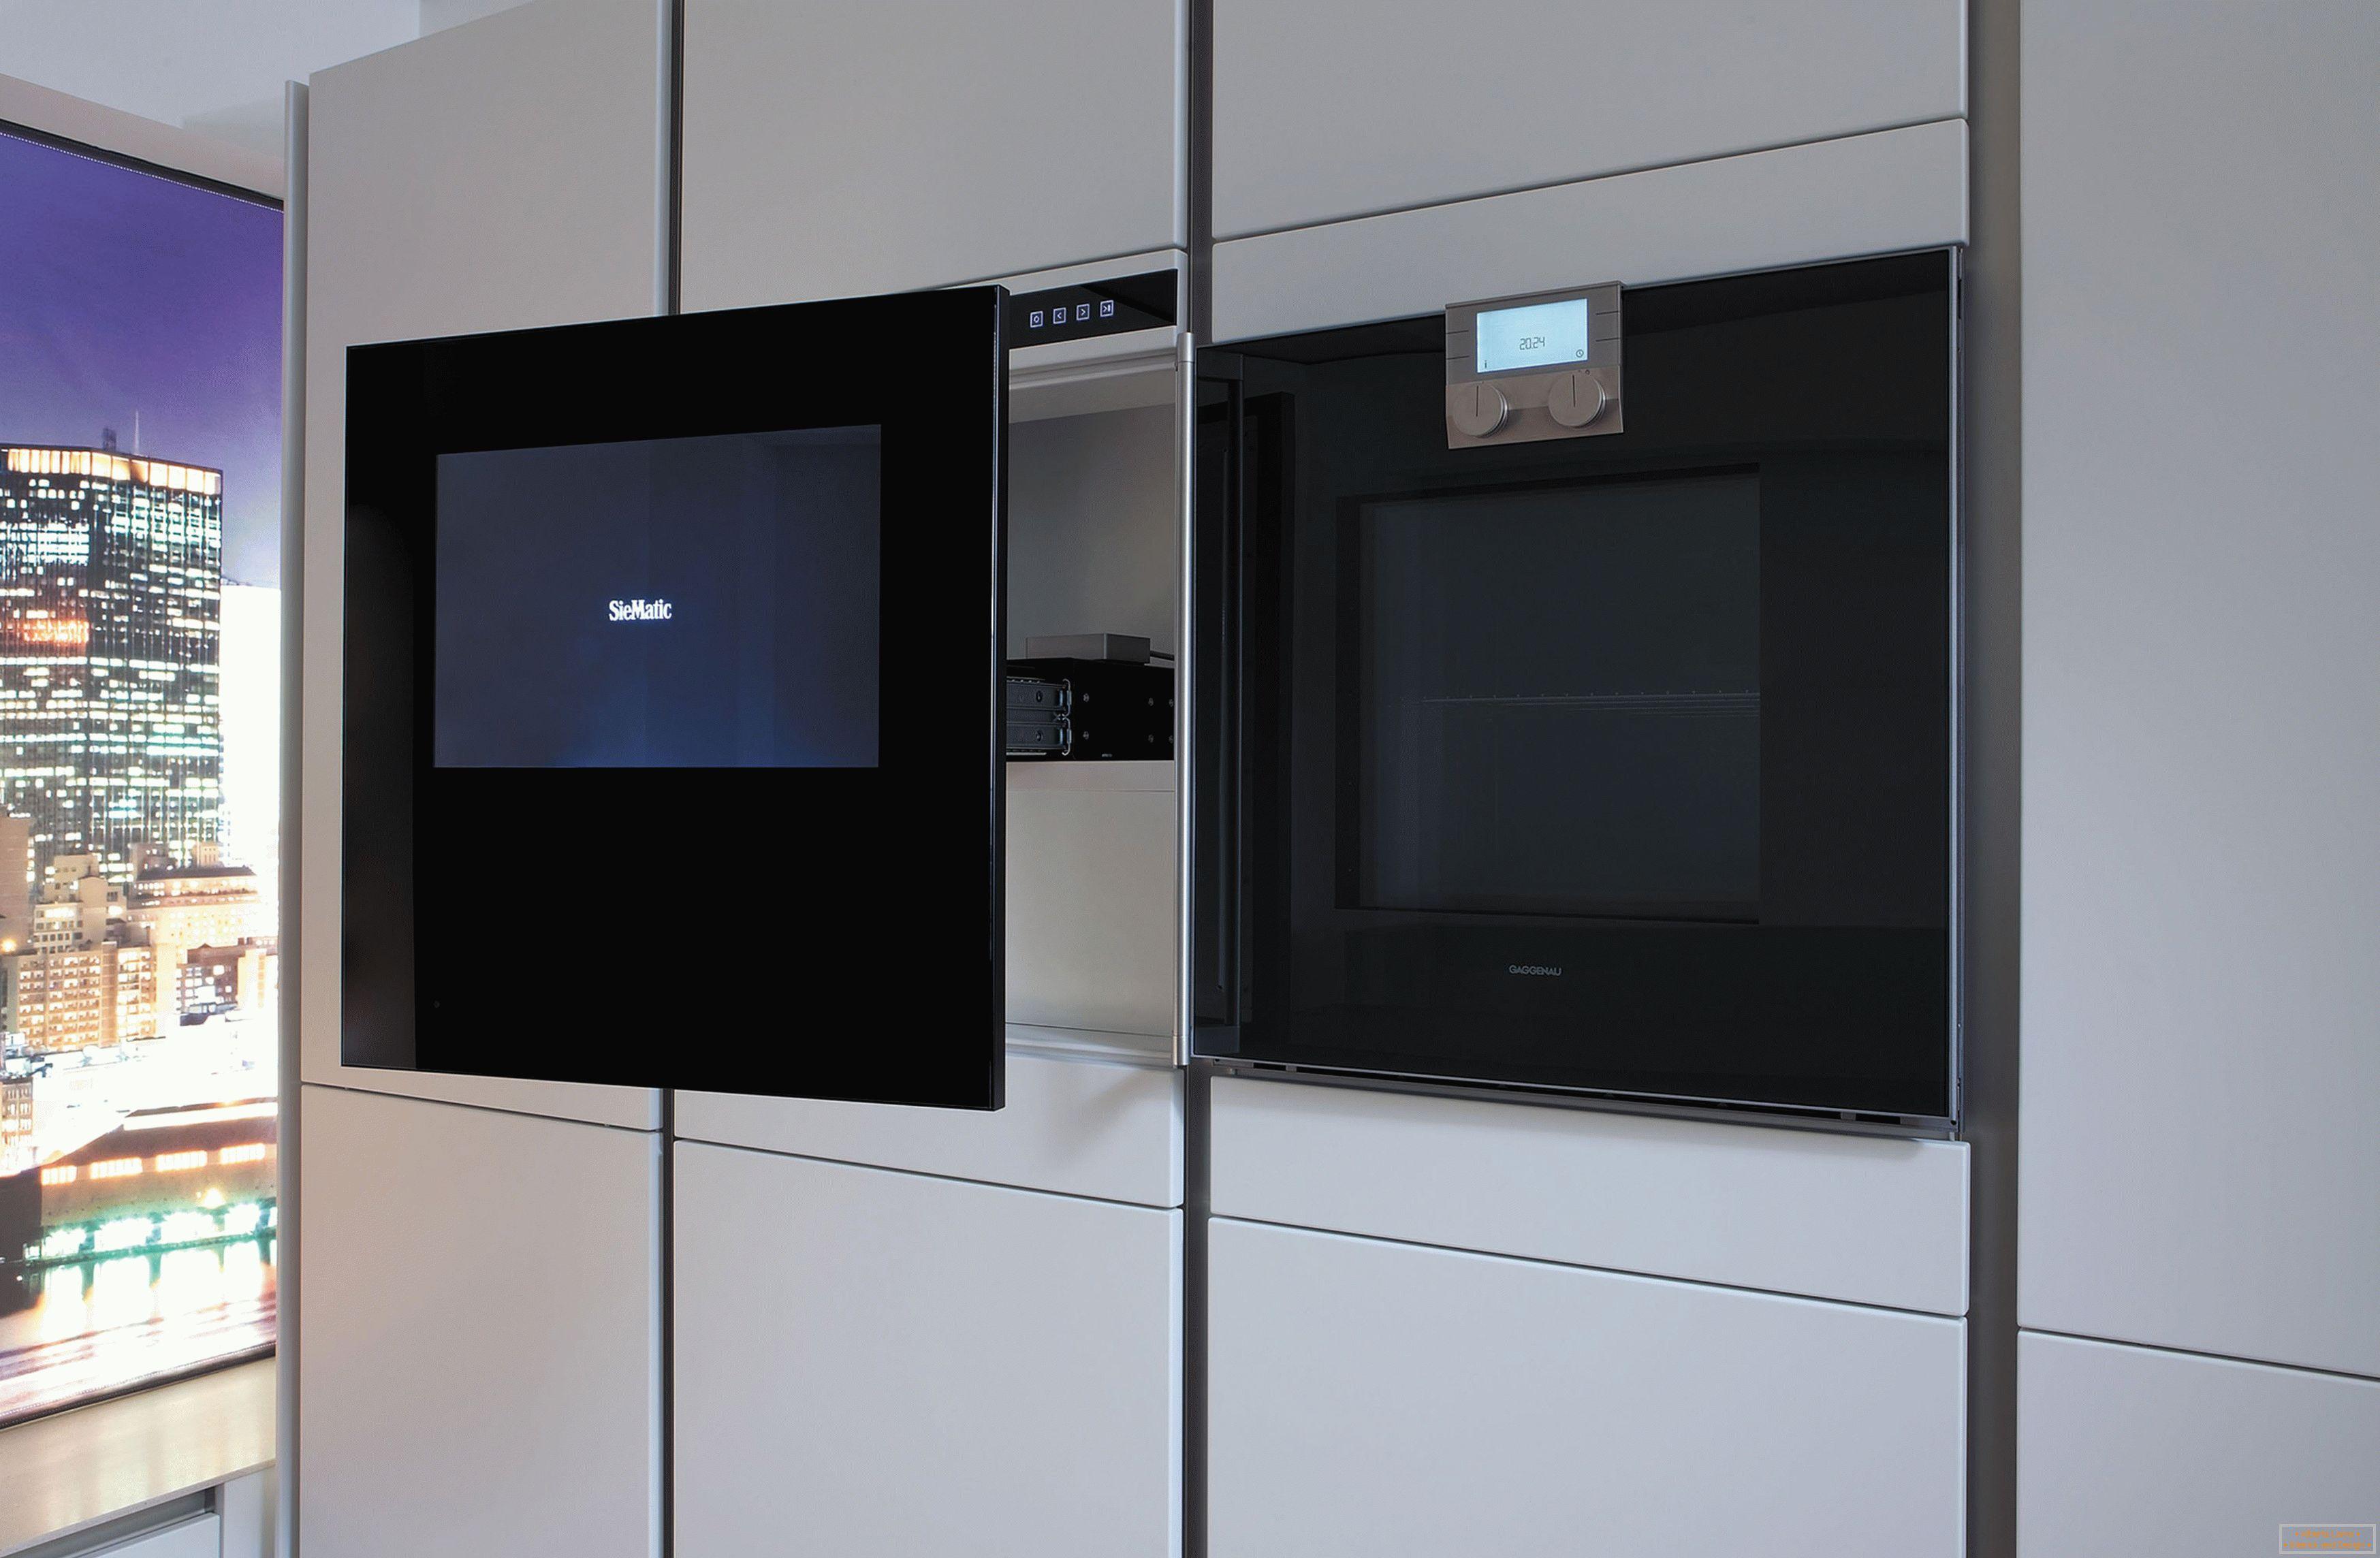 Tv in der küche: wie wähle ich und wohin?